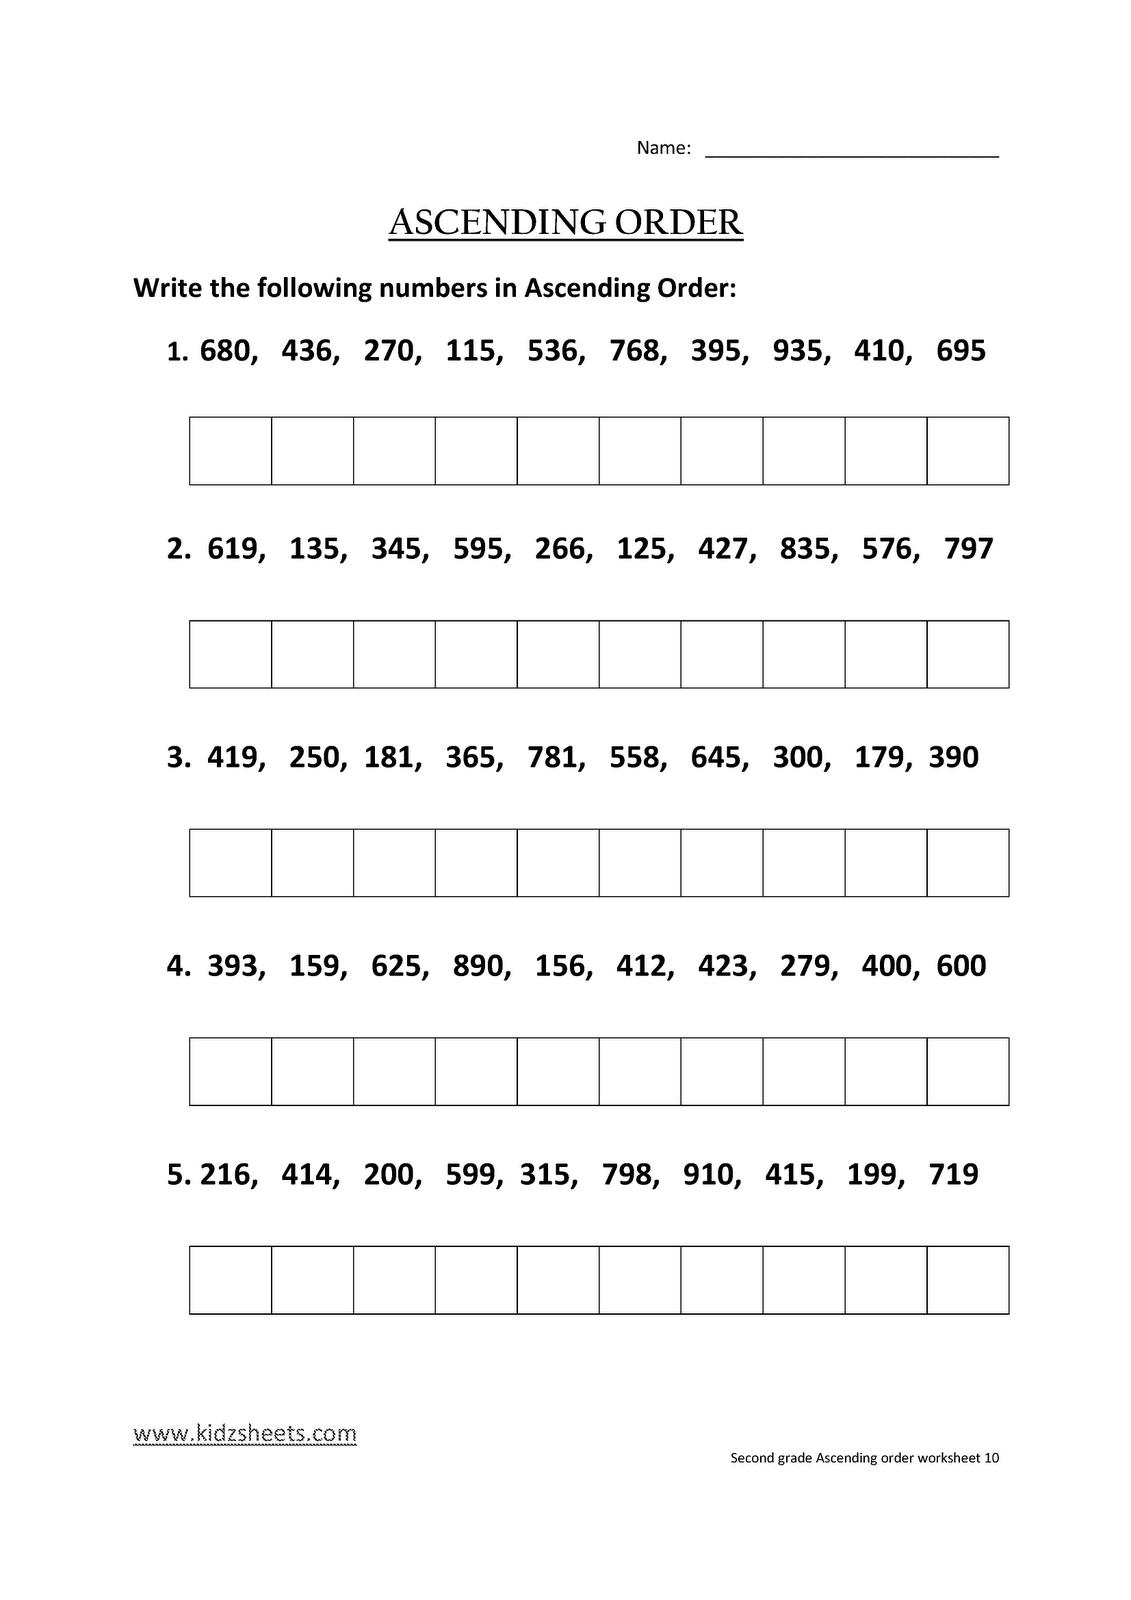 Kidz Worksheets Second Grade Ascending Order Worksheet10